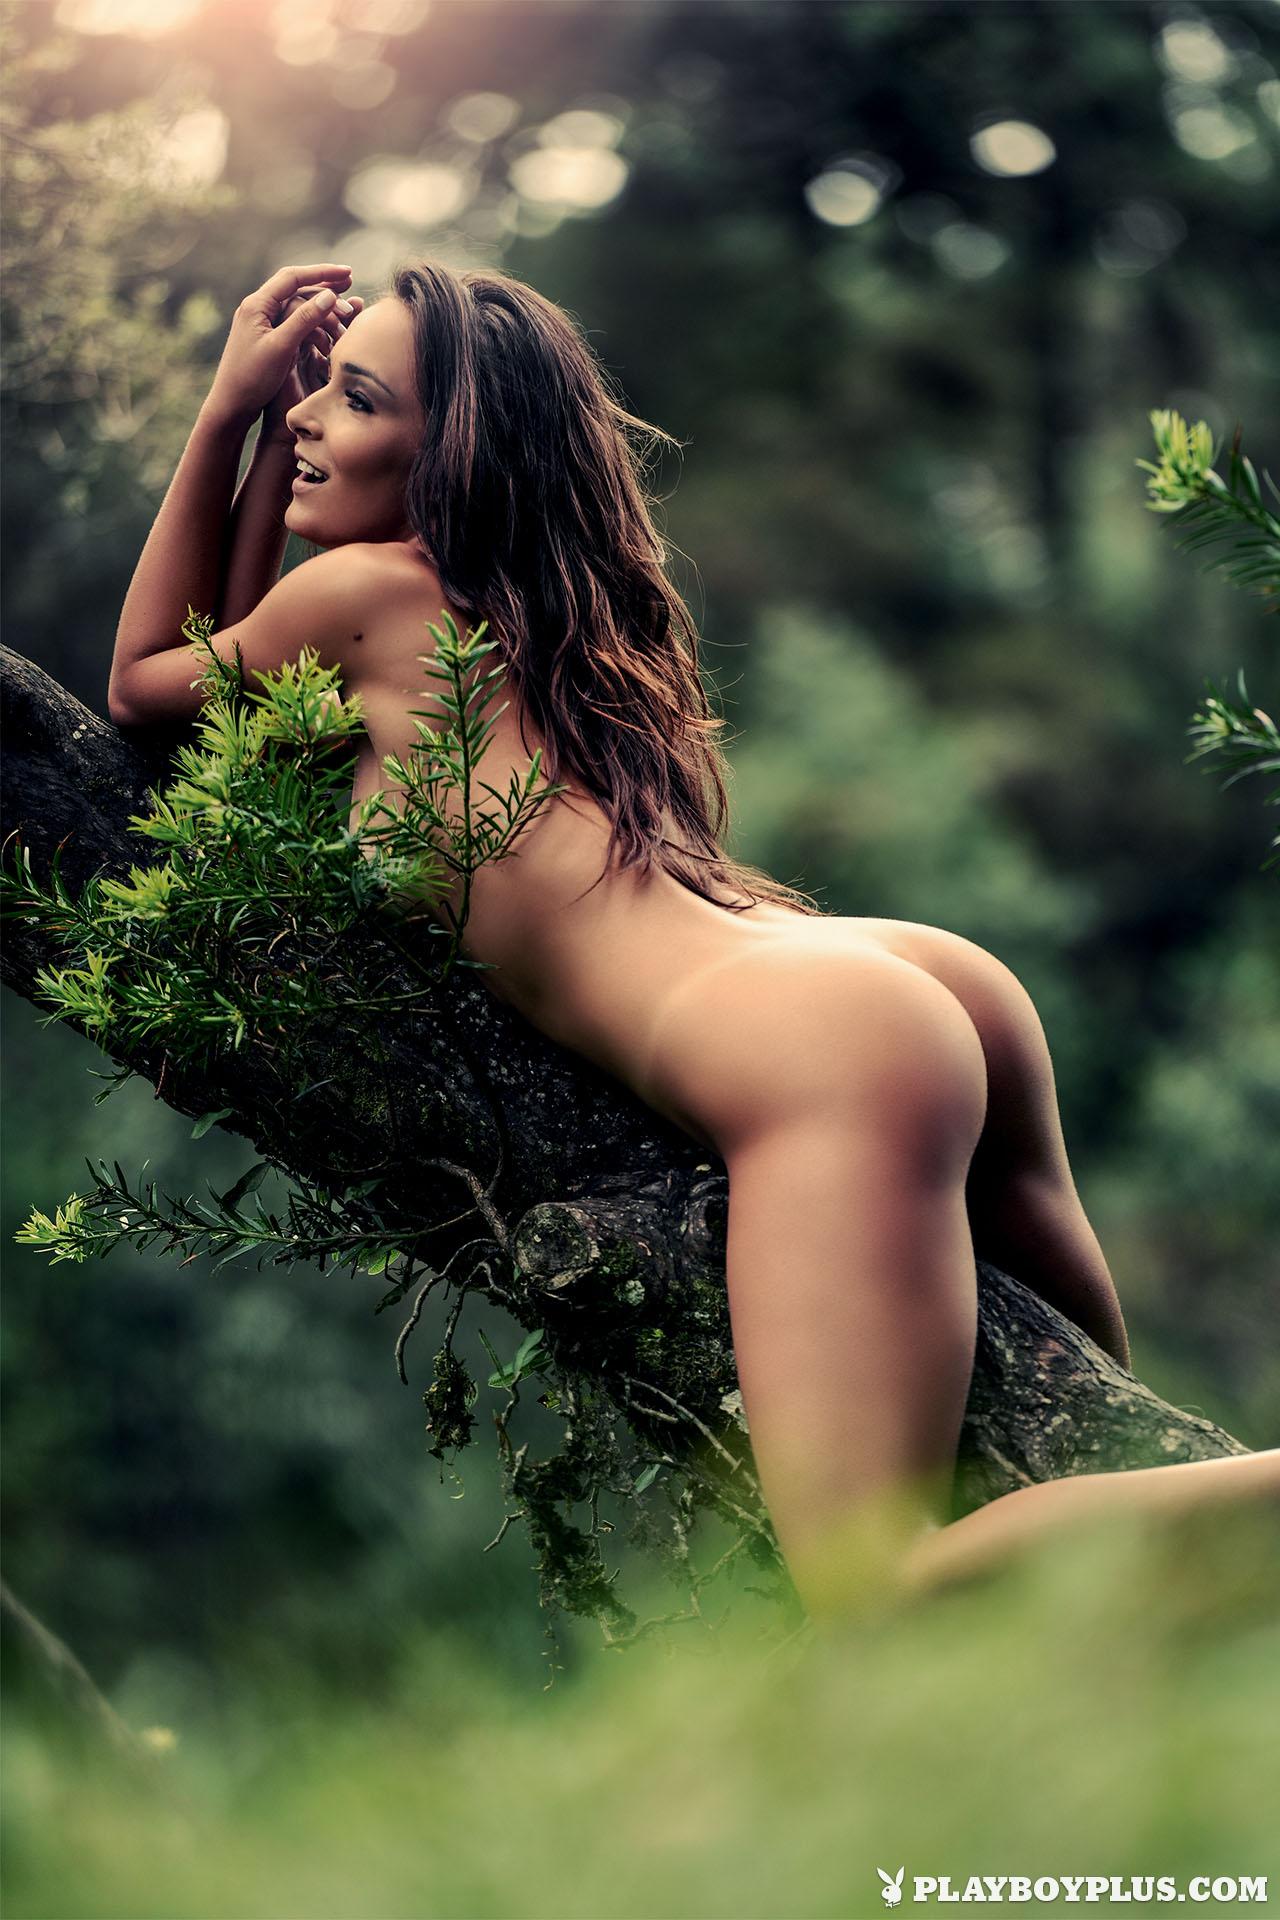 prettiest woman in the world nude